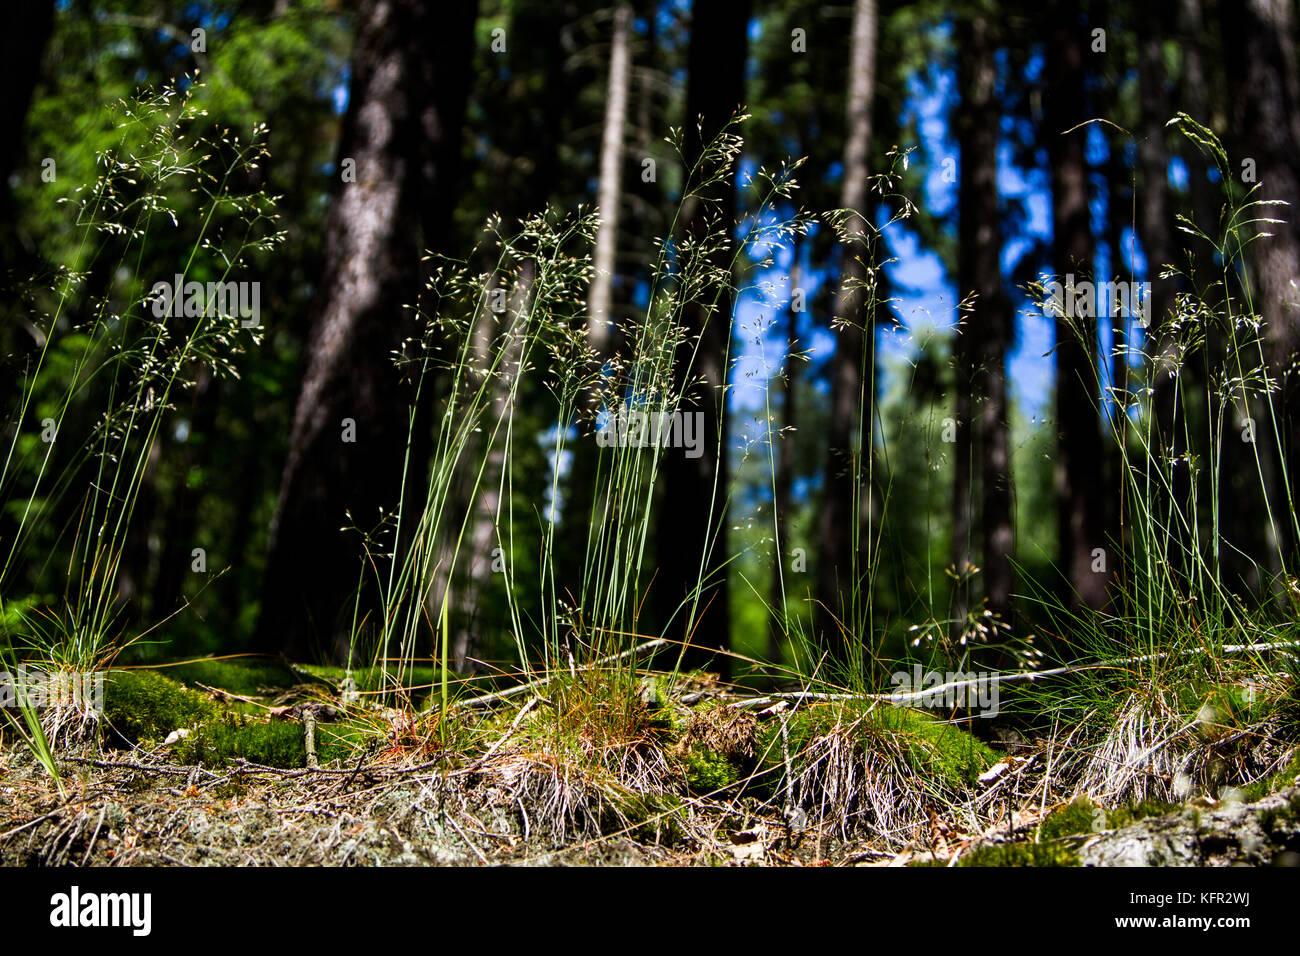 Der Frosch Stockfotos & Der Frosch Bilder - Alamy